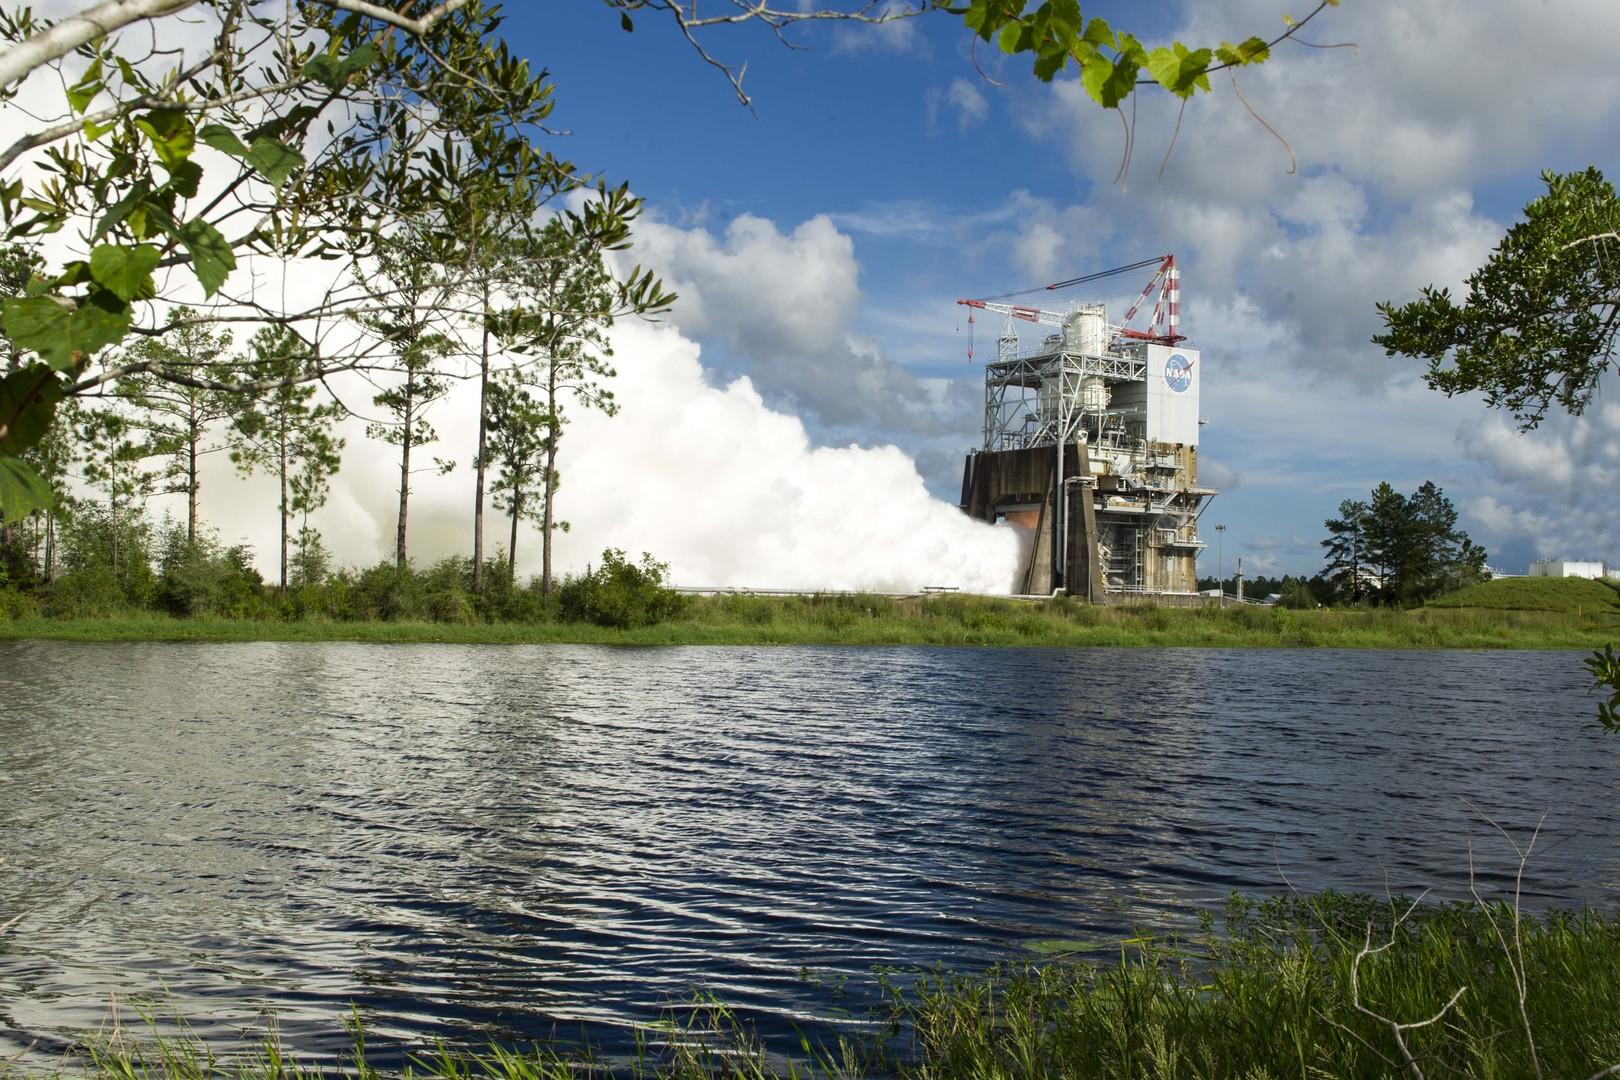 Американские ученые космоса изNASA испытали космический мотор RS-25